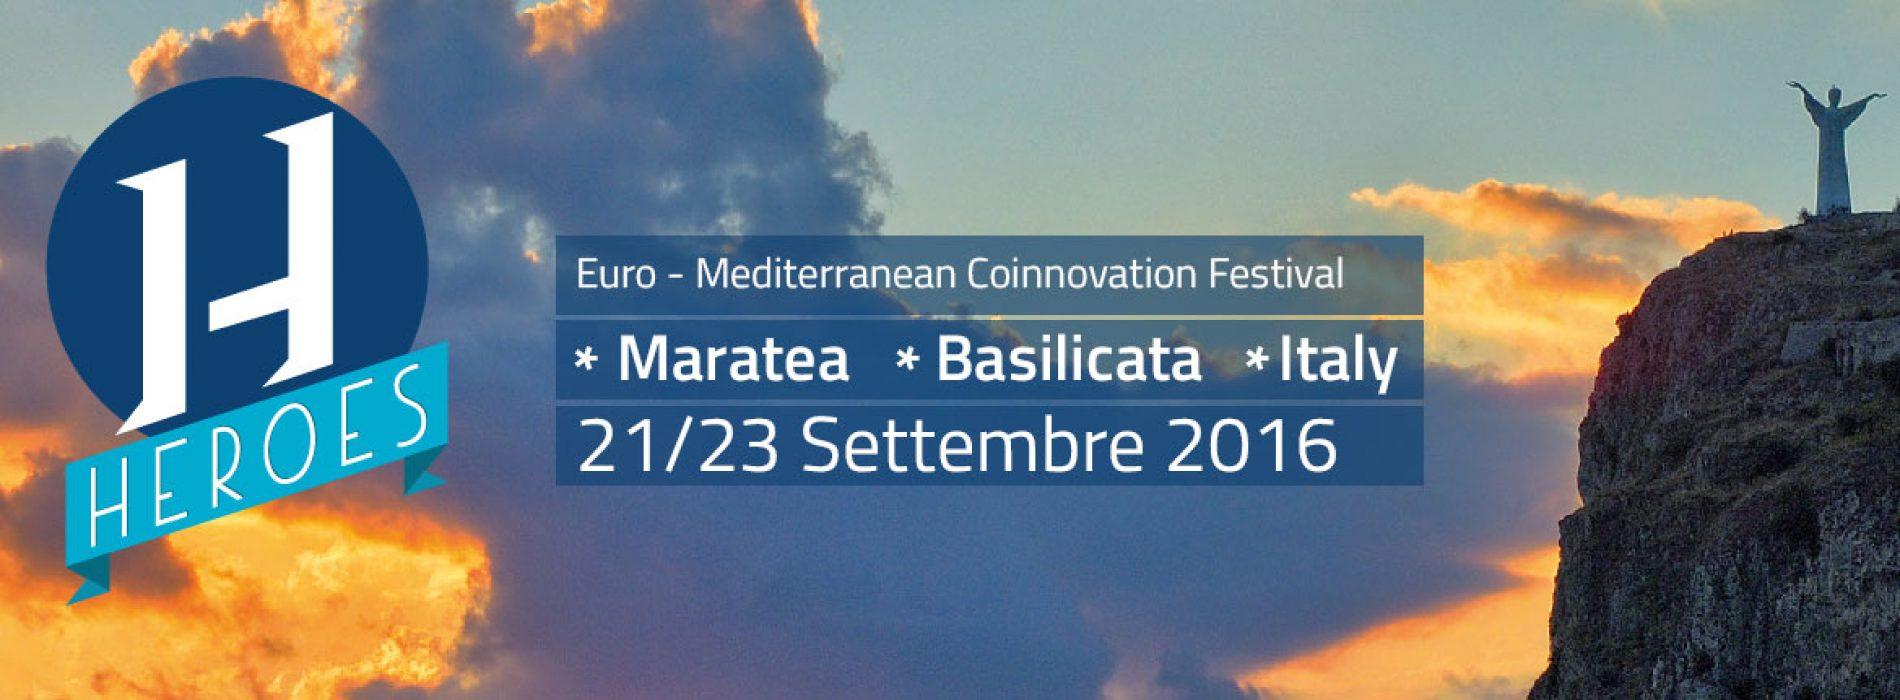 Heroes, il festival dell'innovazione a Maratea